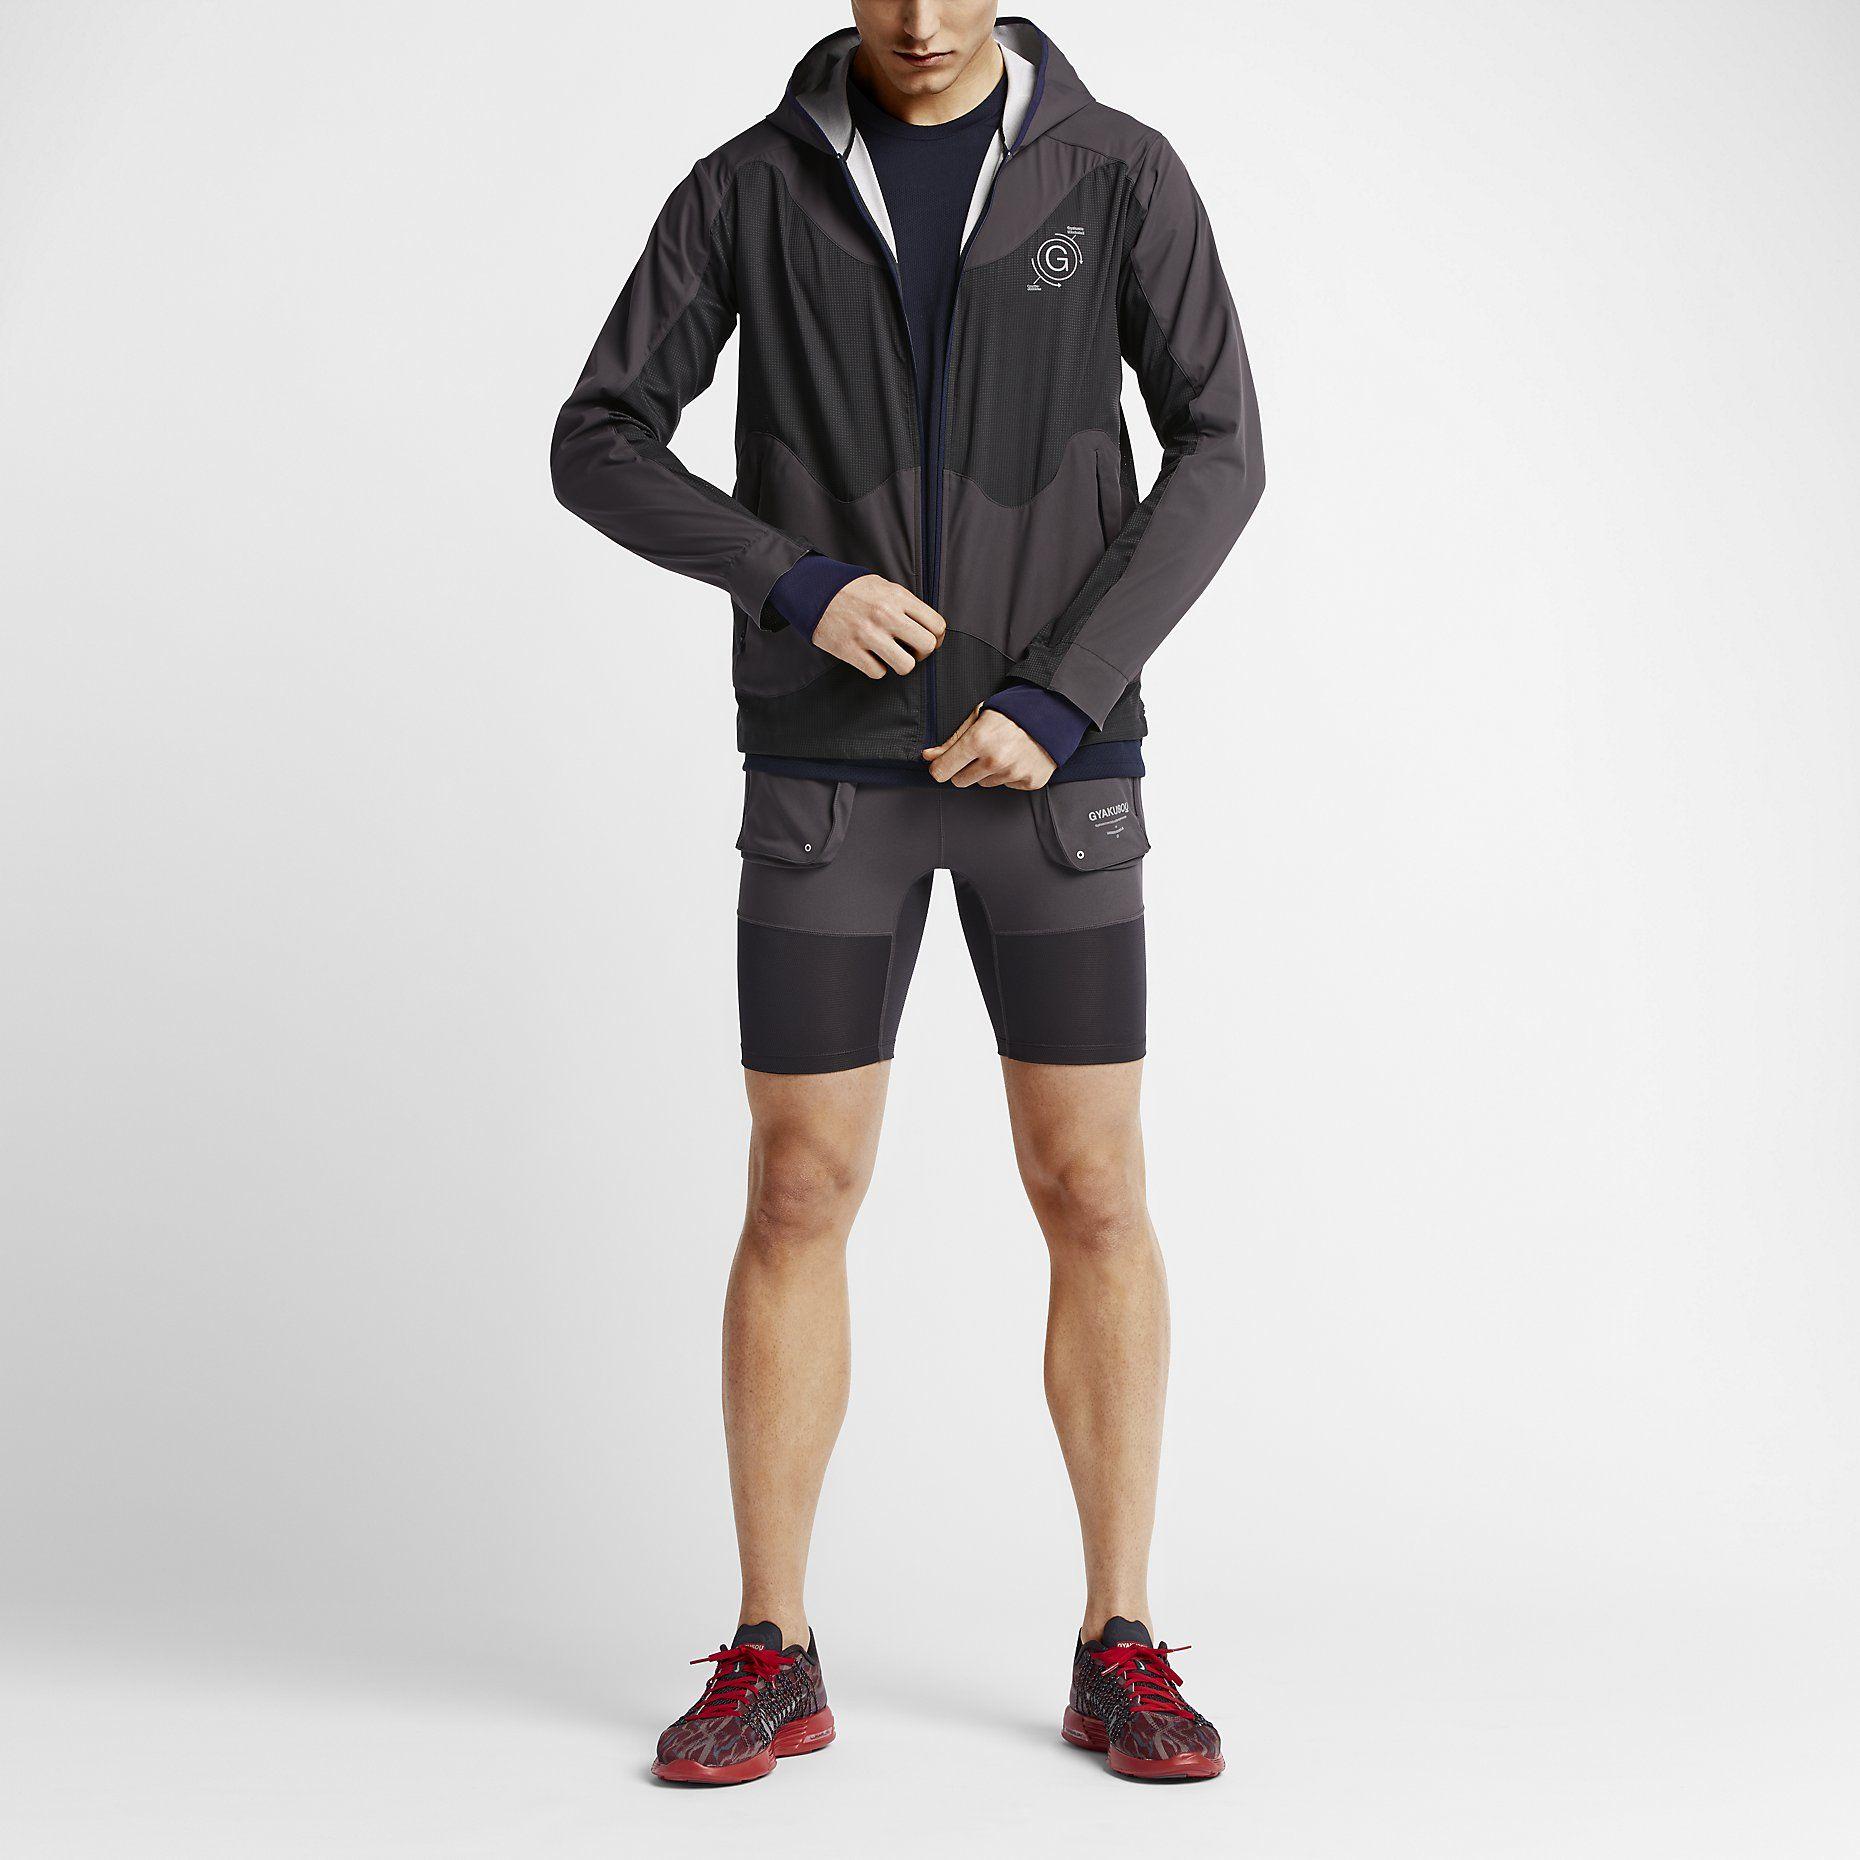 Veste de running homme nike